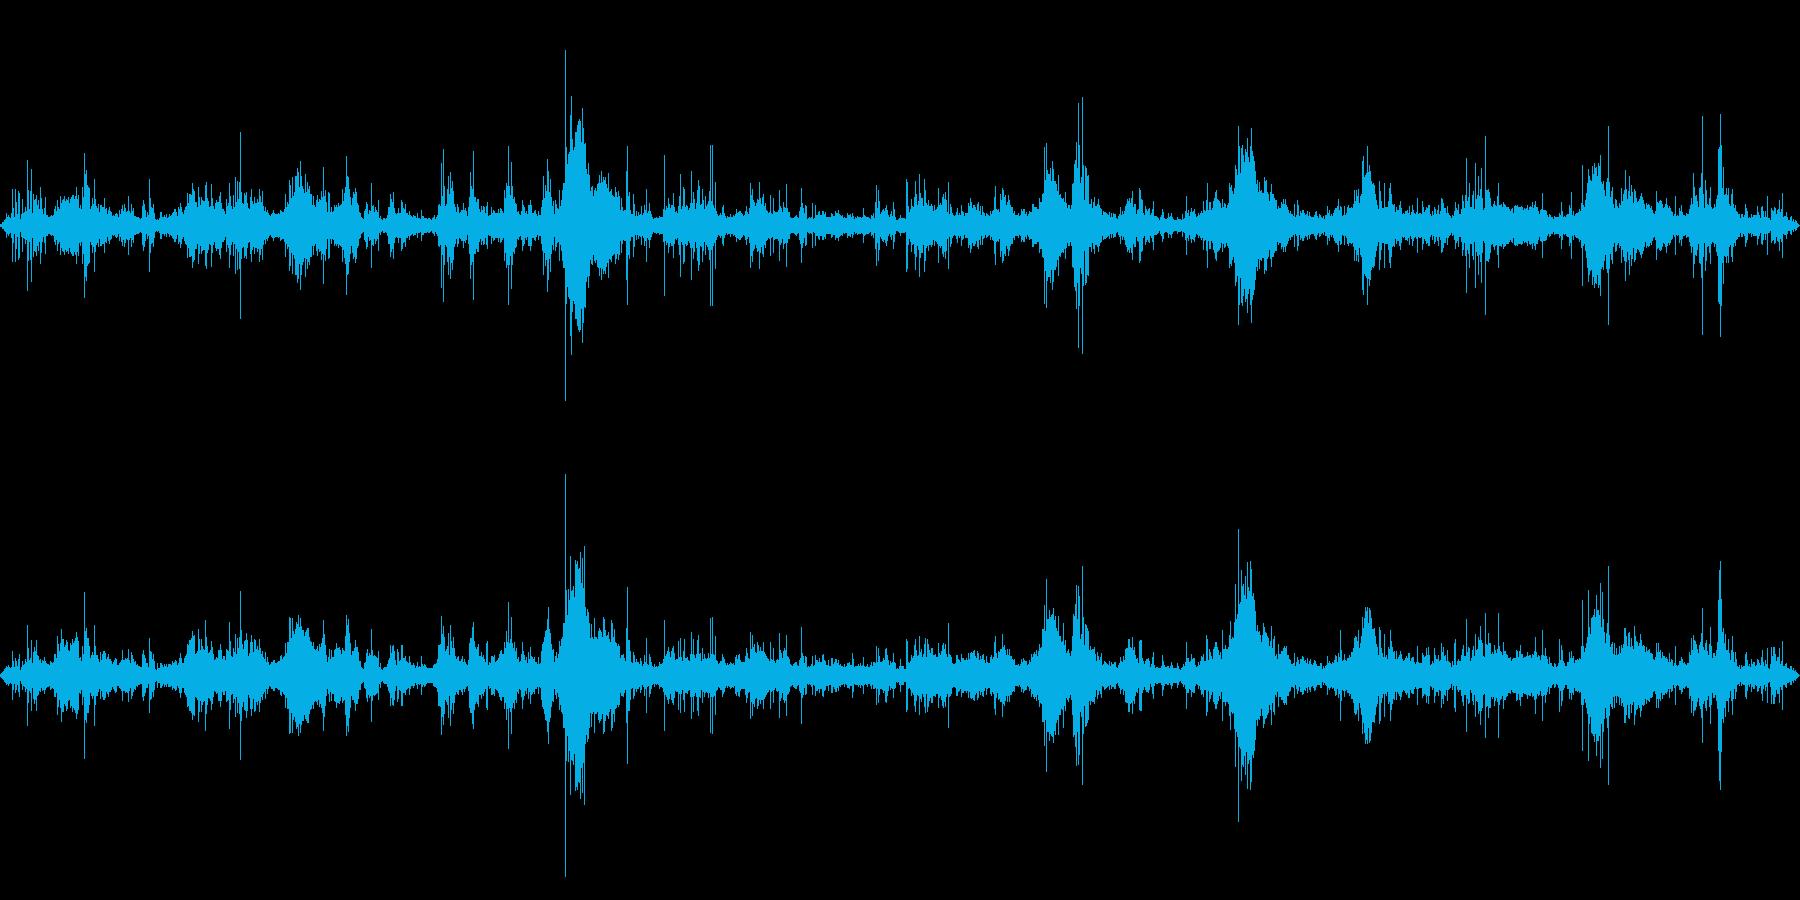 テトラポッド付近の波の音1の再生済みの波形